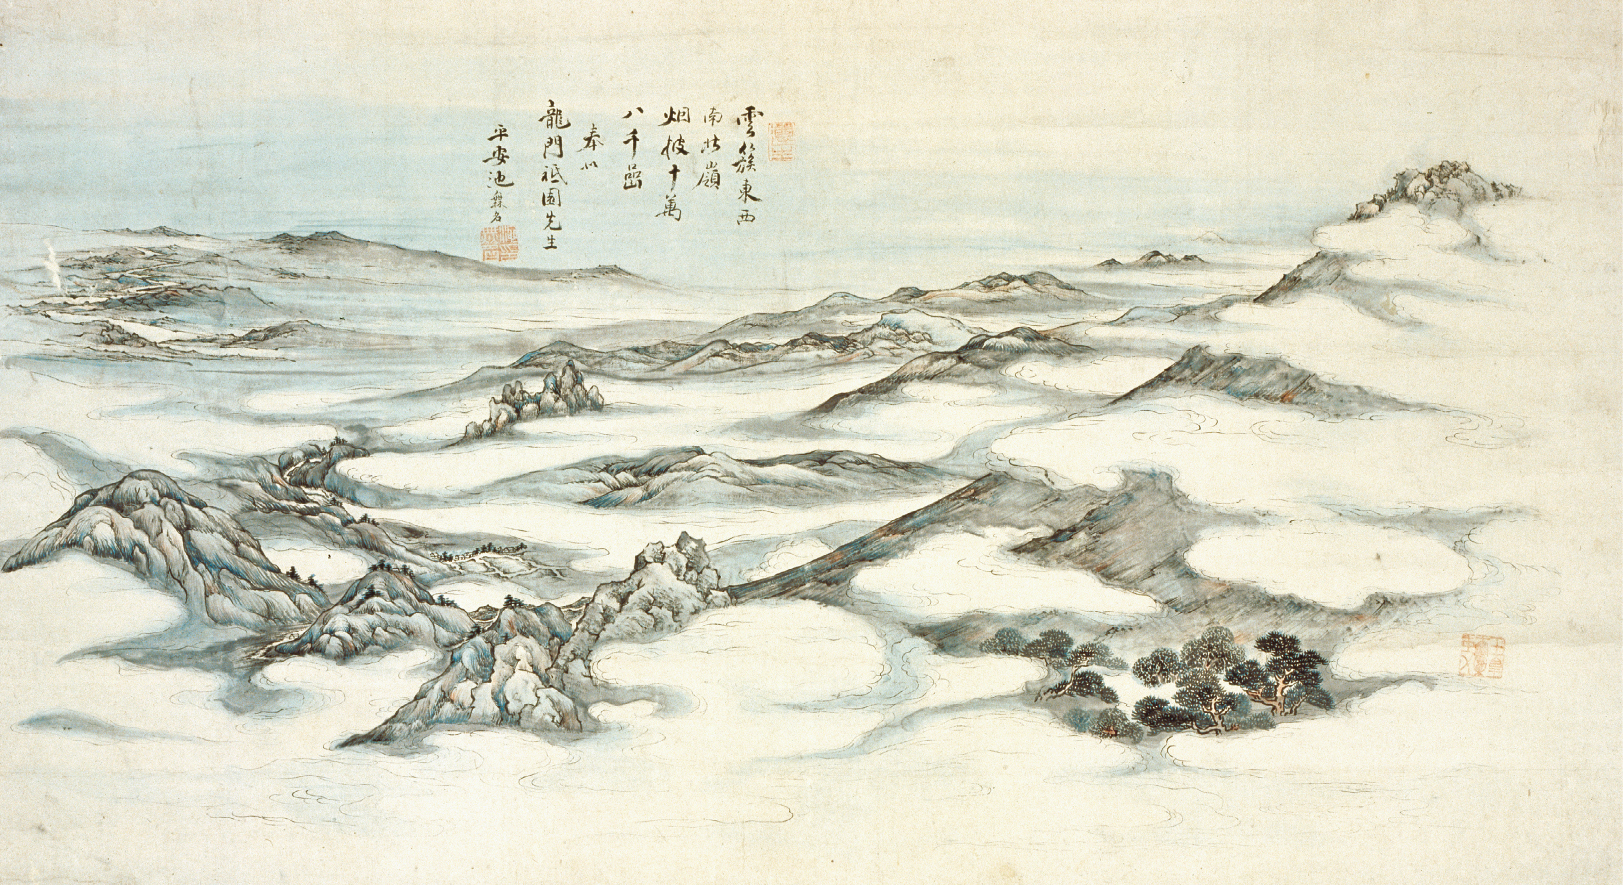 浅間山真景図 大雅の真景図を代表する作品。